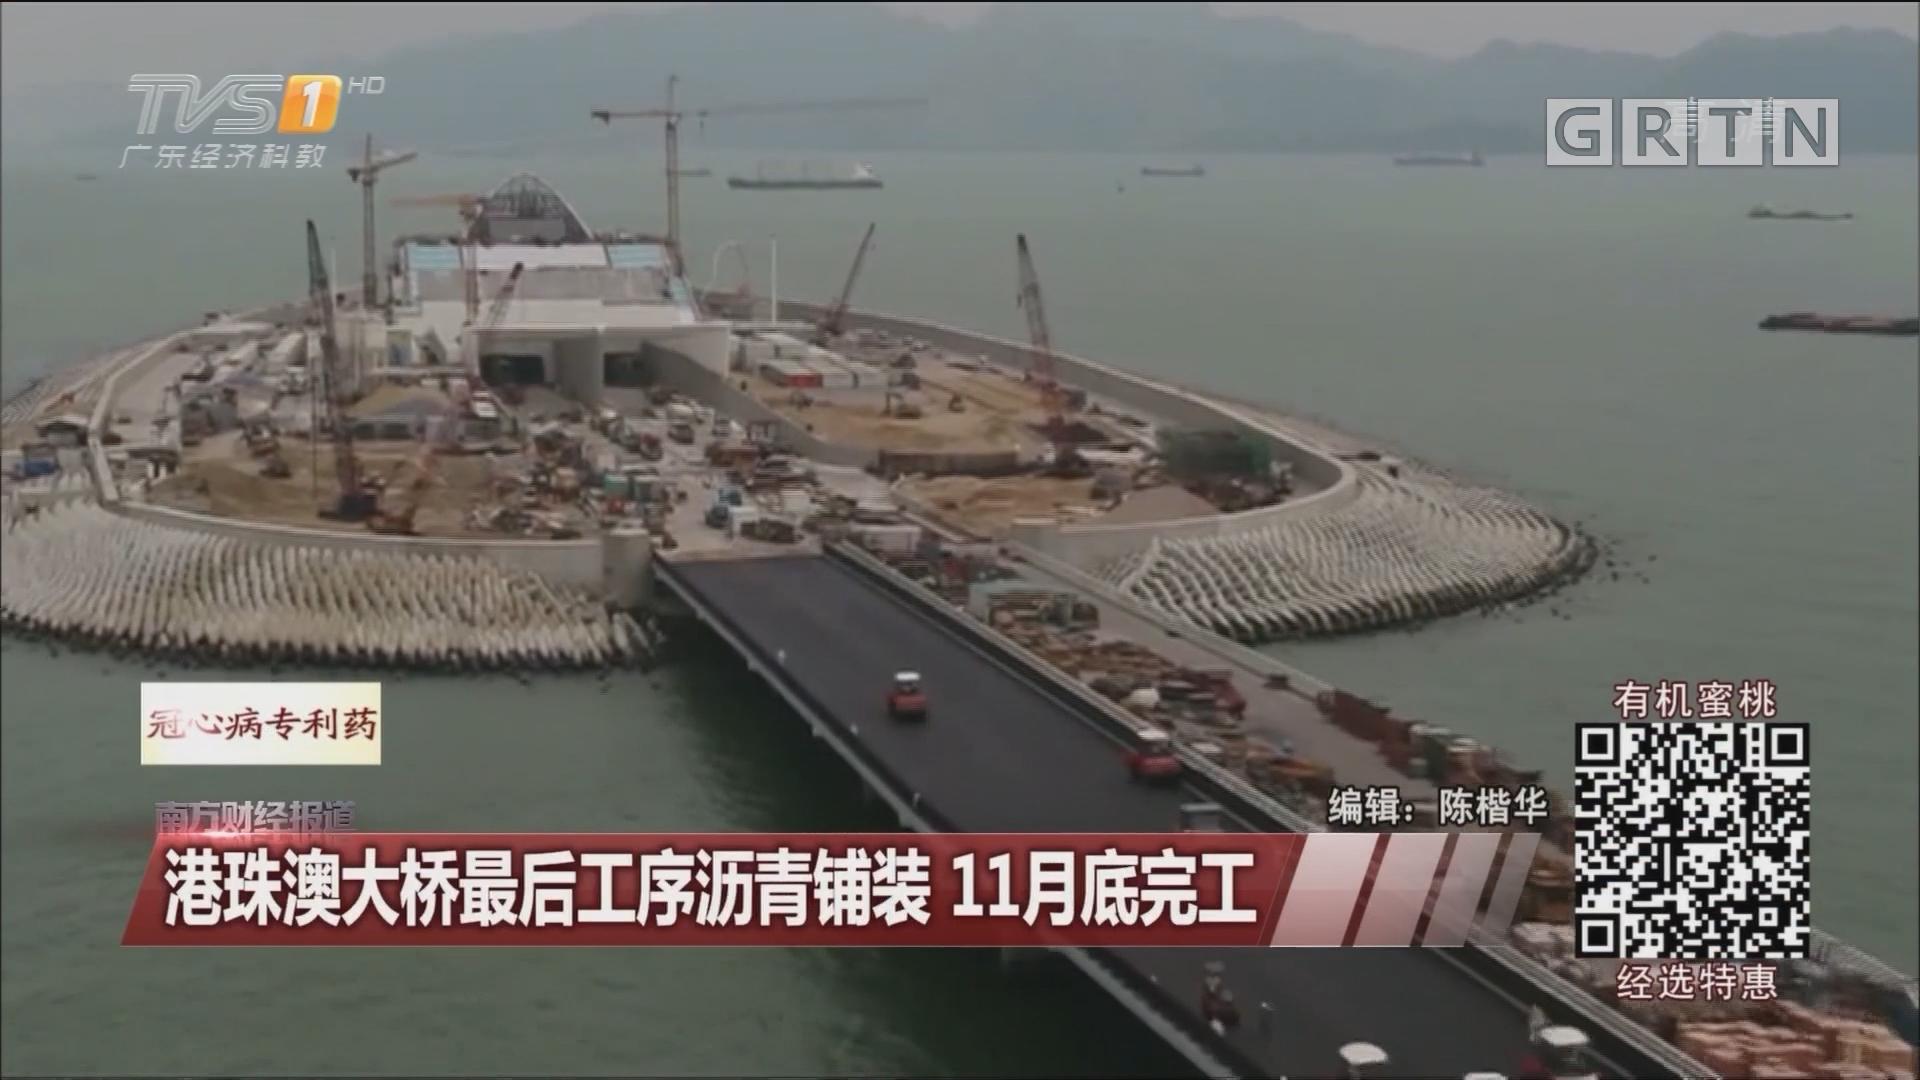 港珠澳大桥最后工序沥青铺装 11月底完工